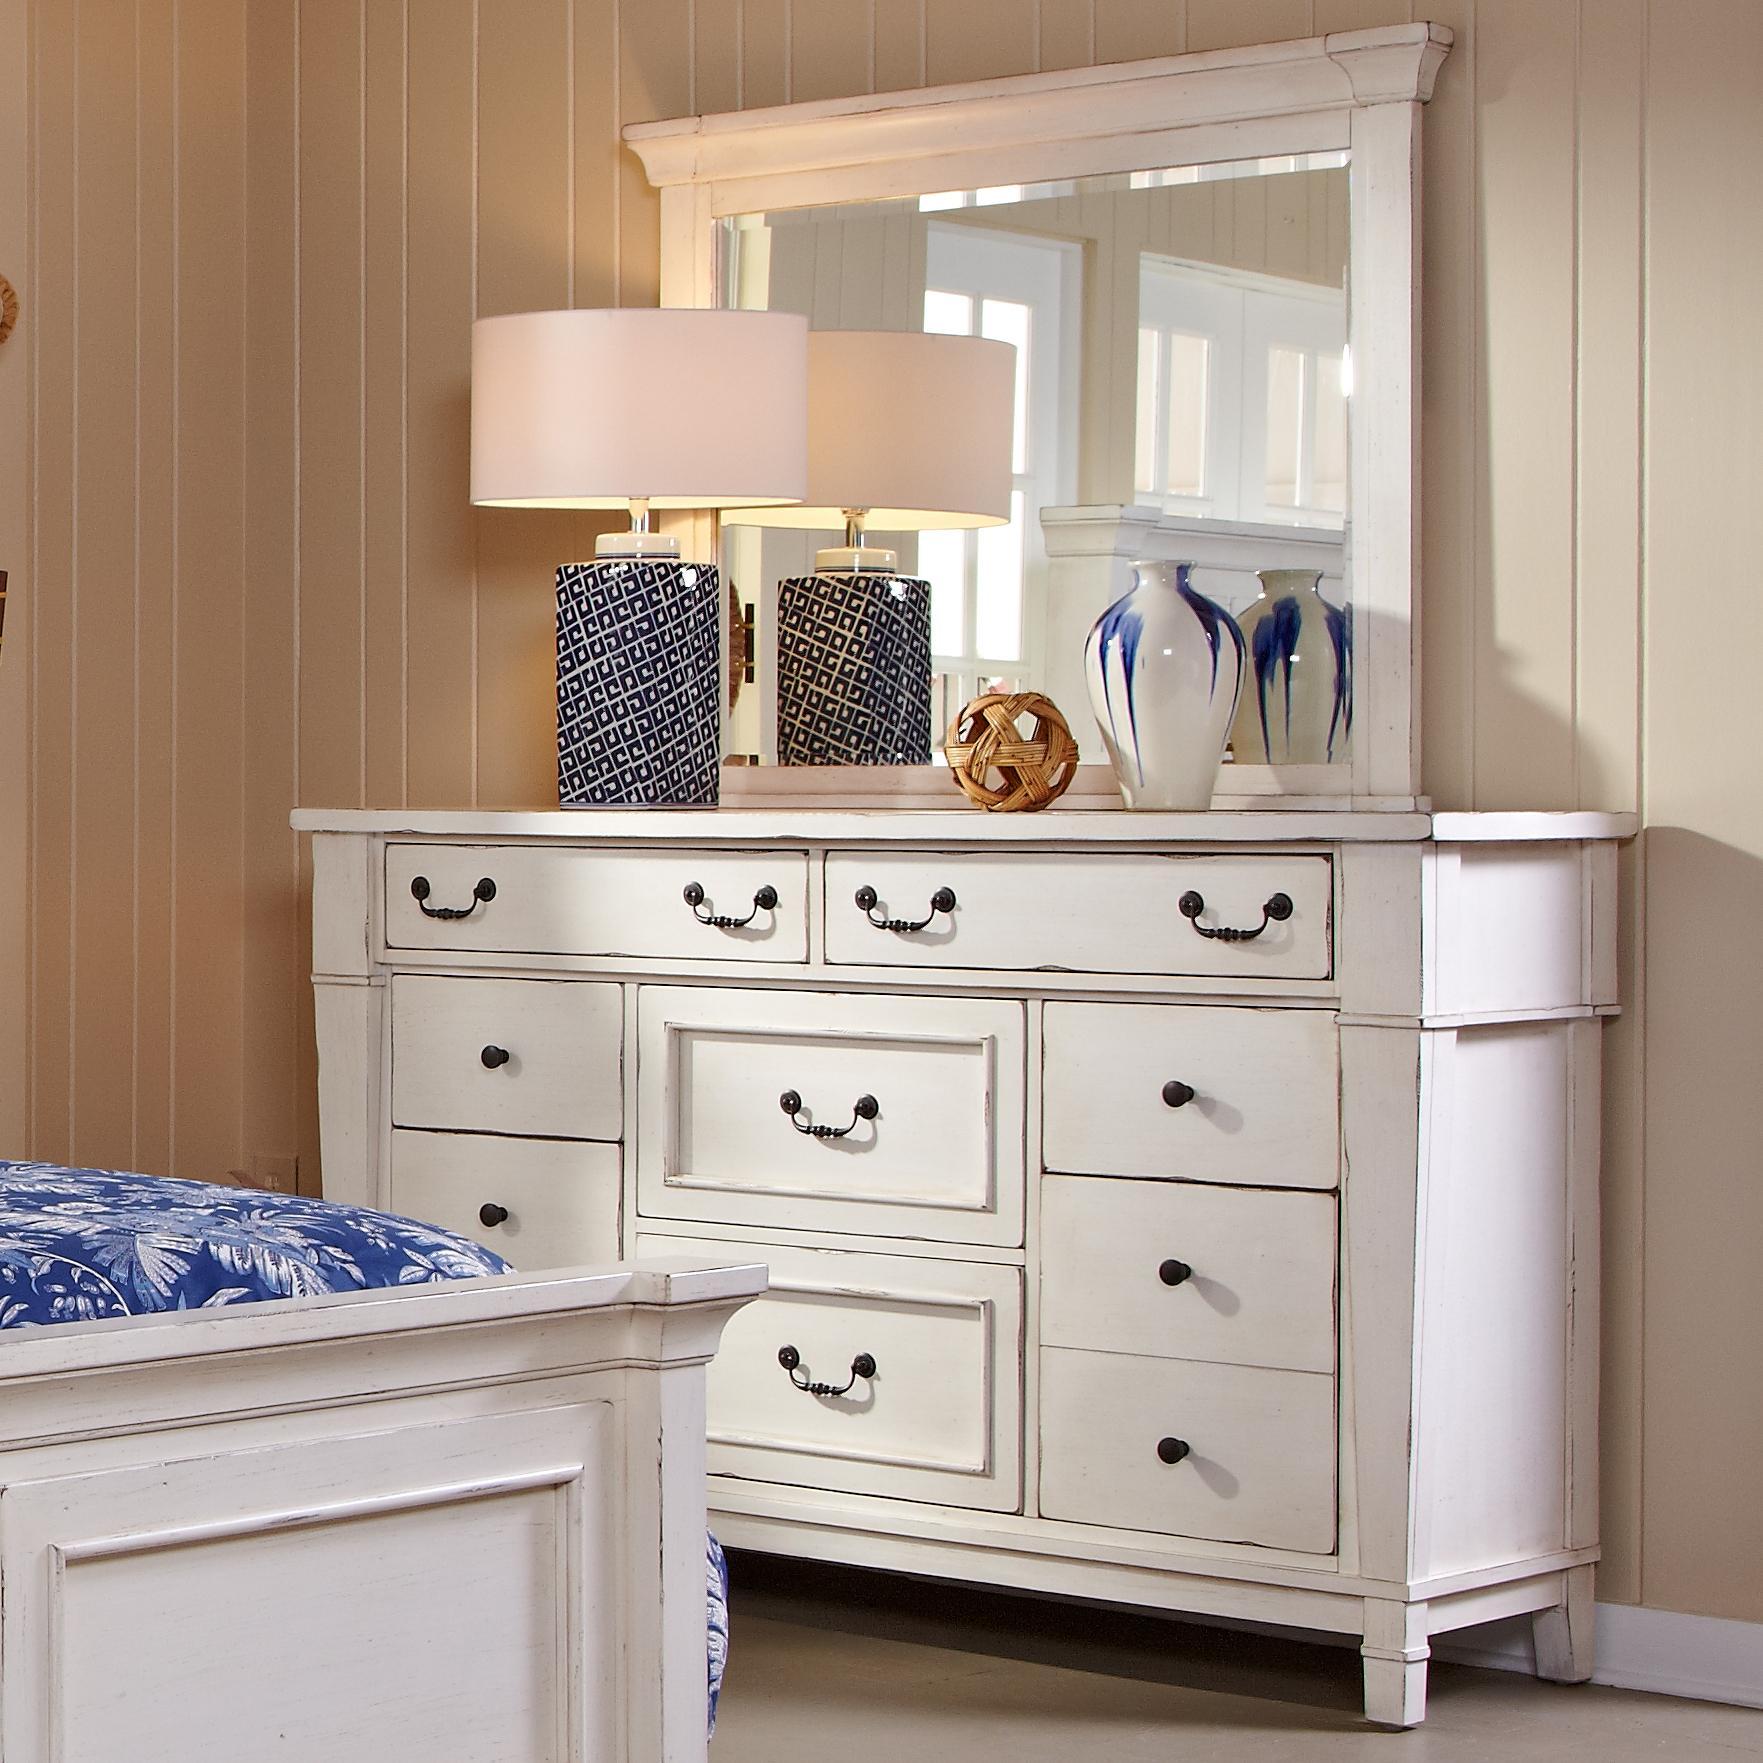 Astoria Eight Drawer Dresser w/ Mirror at Walker's Furniture